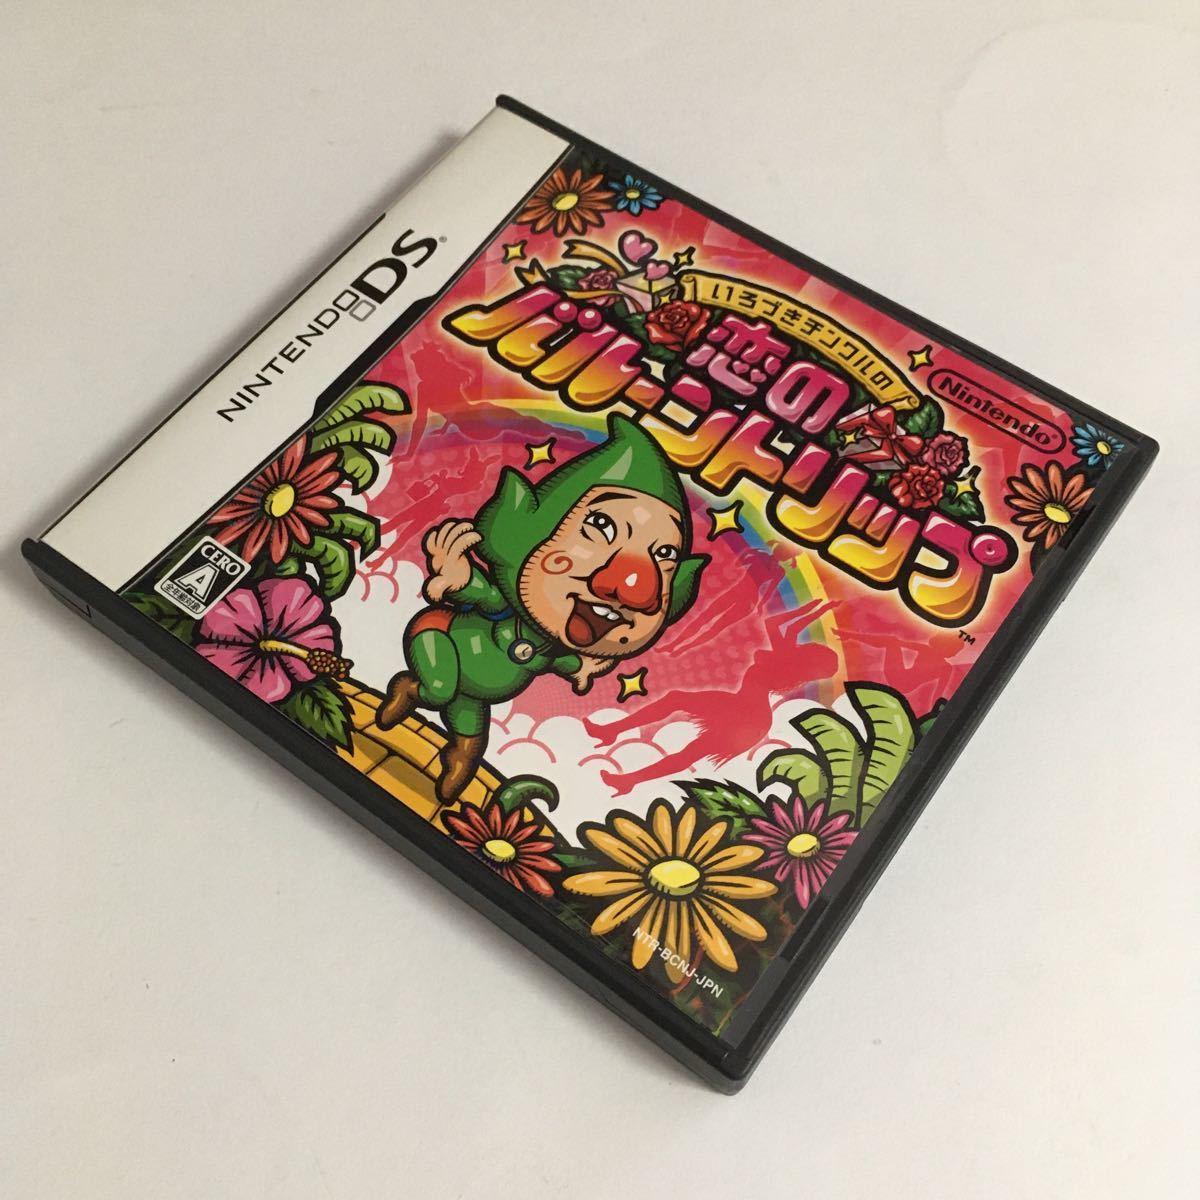 ニンテンドーDS ソフト いろづきチンクルの恋のバルーントリップ 任天堂 ゼルダの伝説 リンク ゲーム カセット 動作確認済み